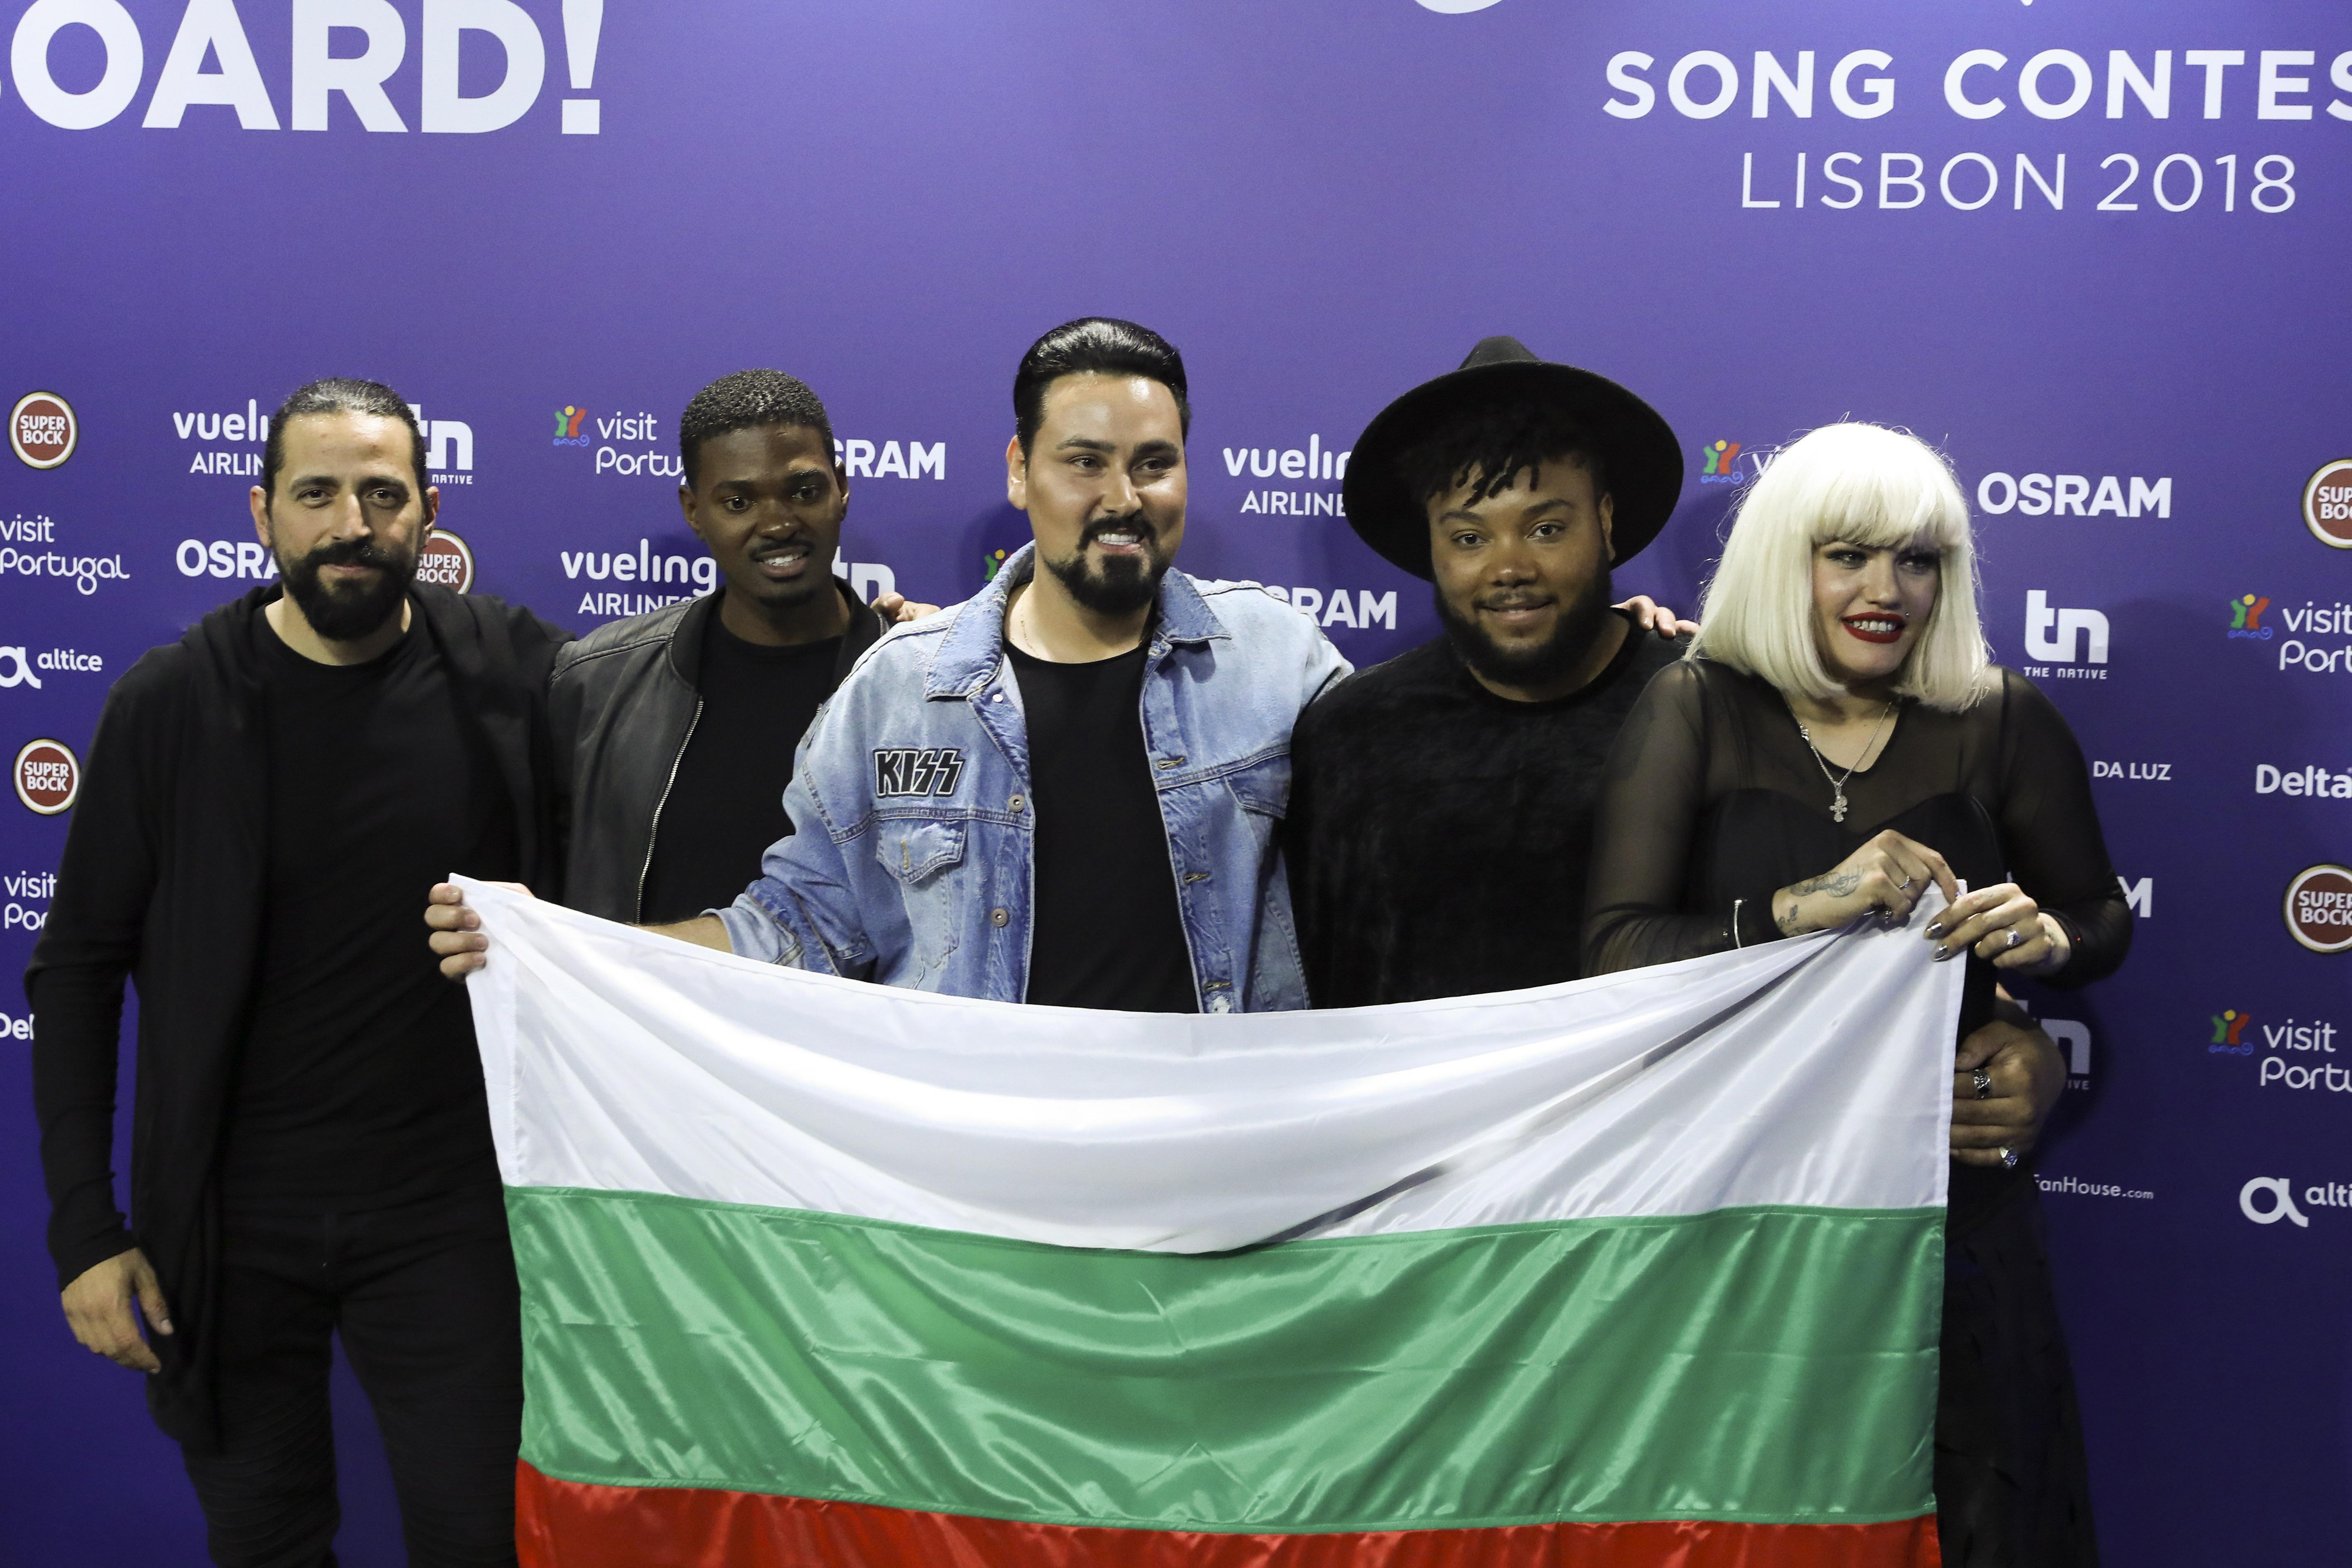 Третият от ляво на дясно: Георги Симеонов - JJ. Композитор, изпълнител и преподавател.